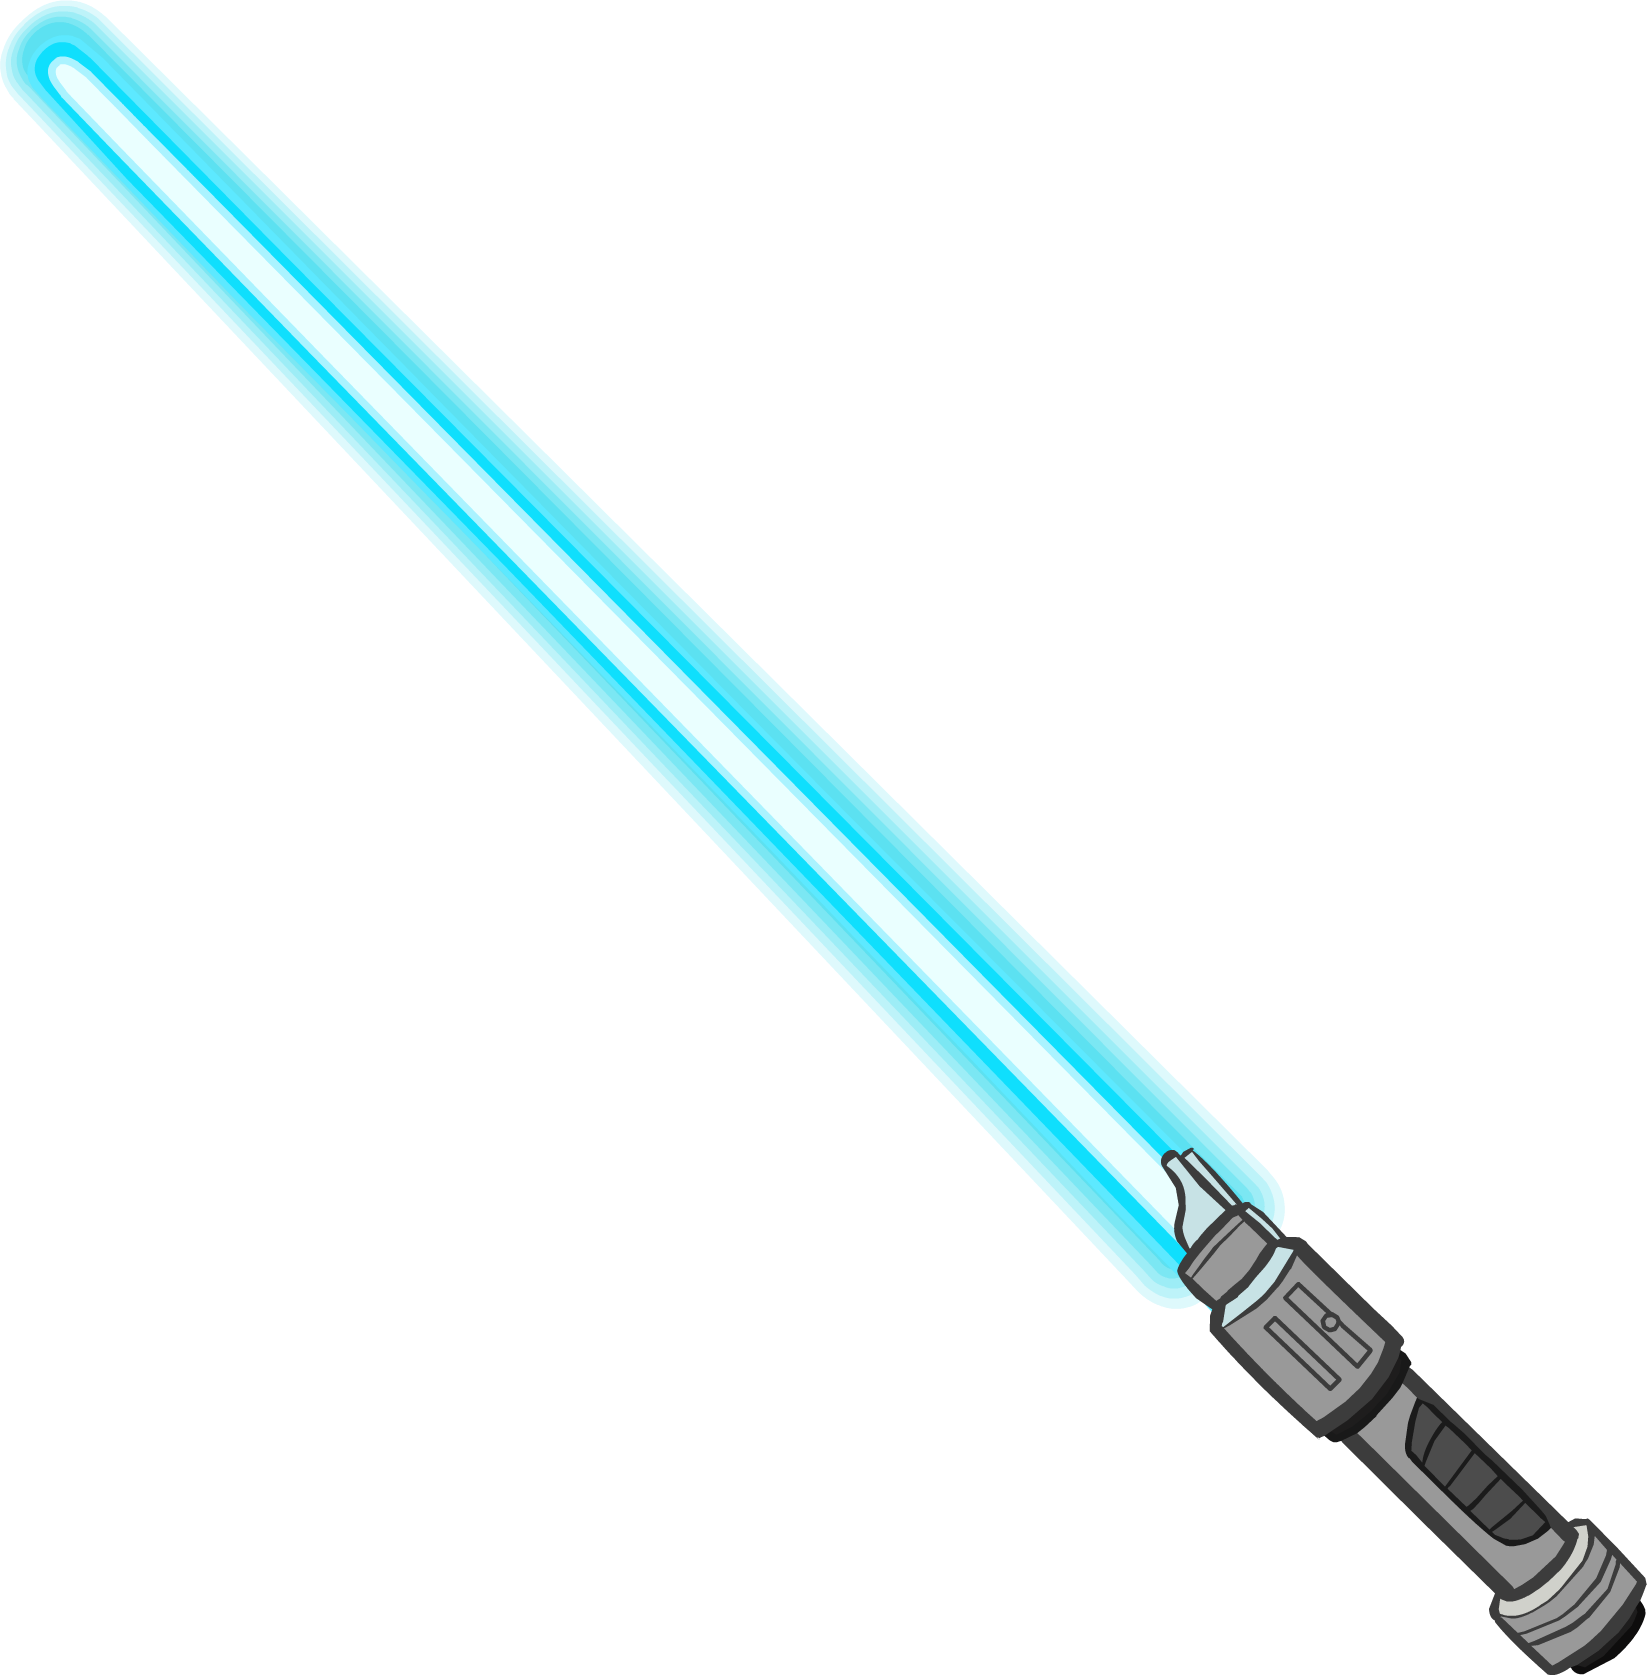 1647x1675 Star Wars Clipart Sword